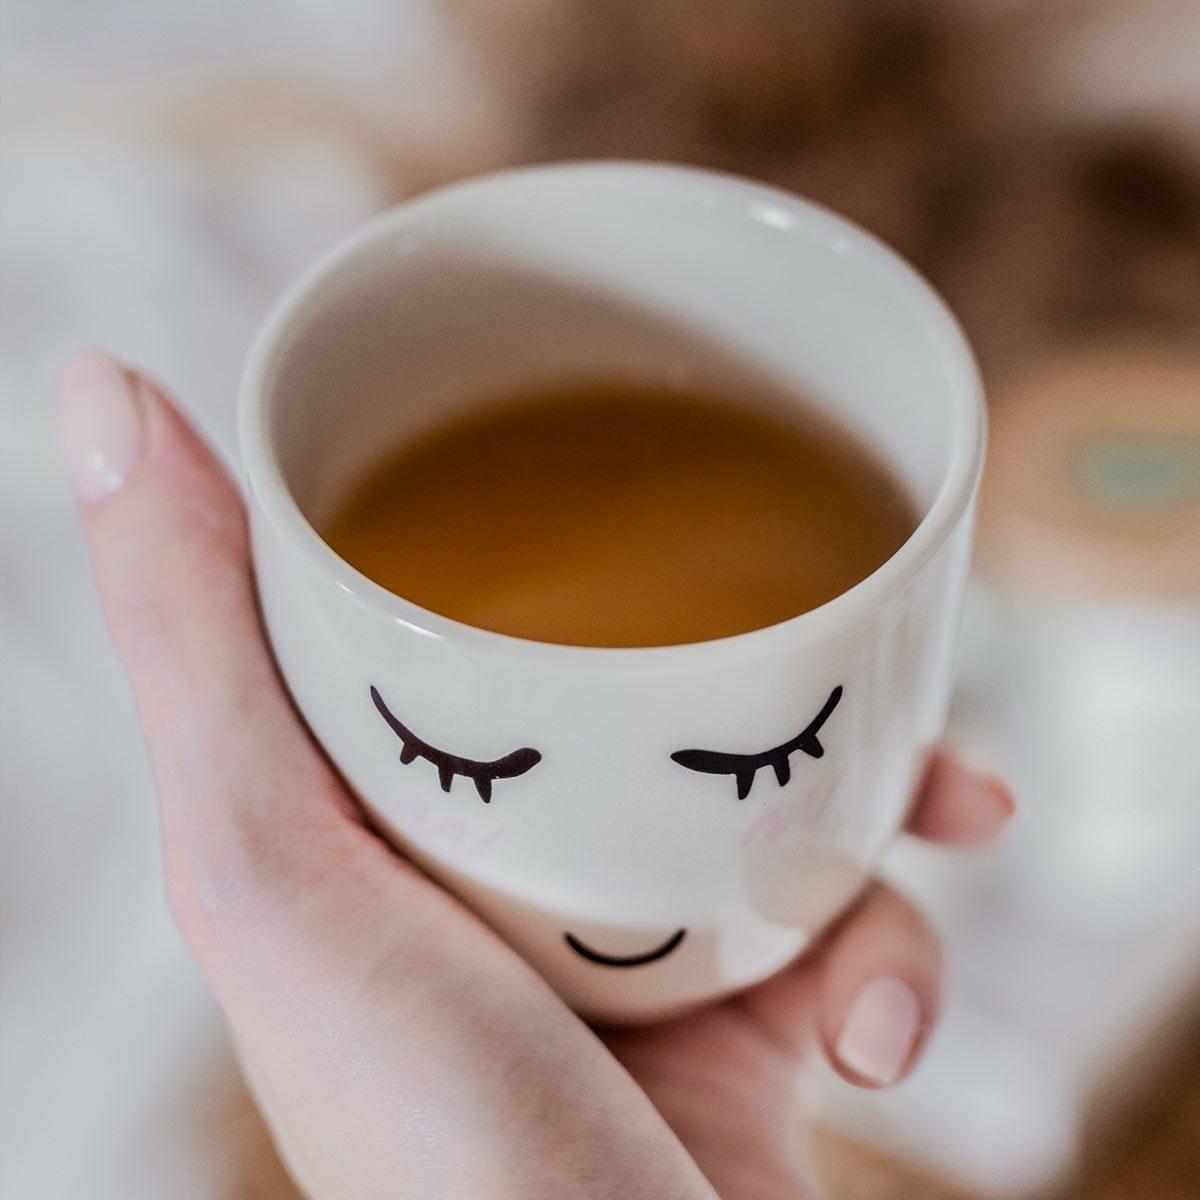 Jaki wpływ na naszą urodę ma picie herbaty? brown house and tea herbata uroda